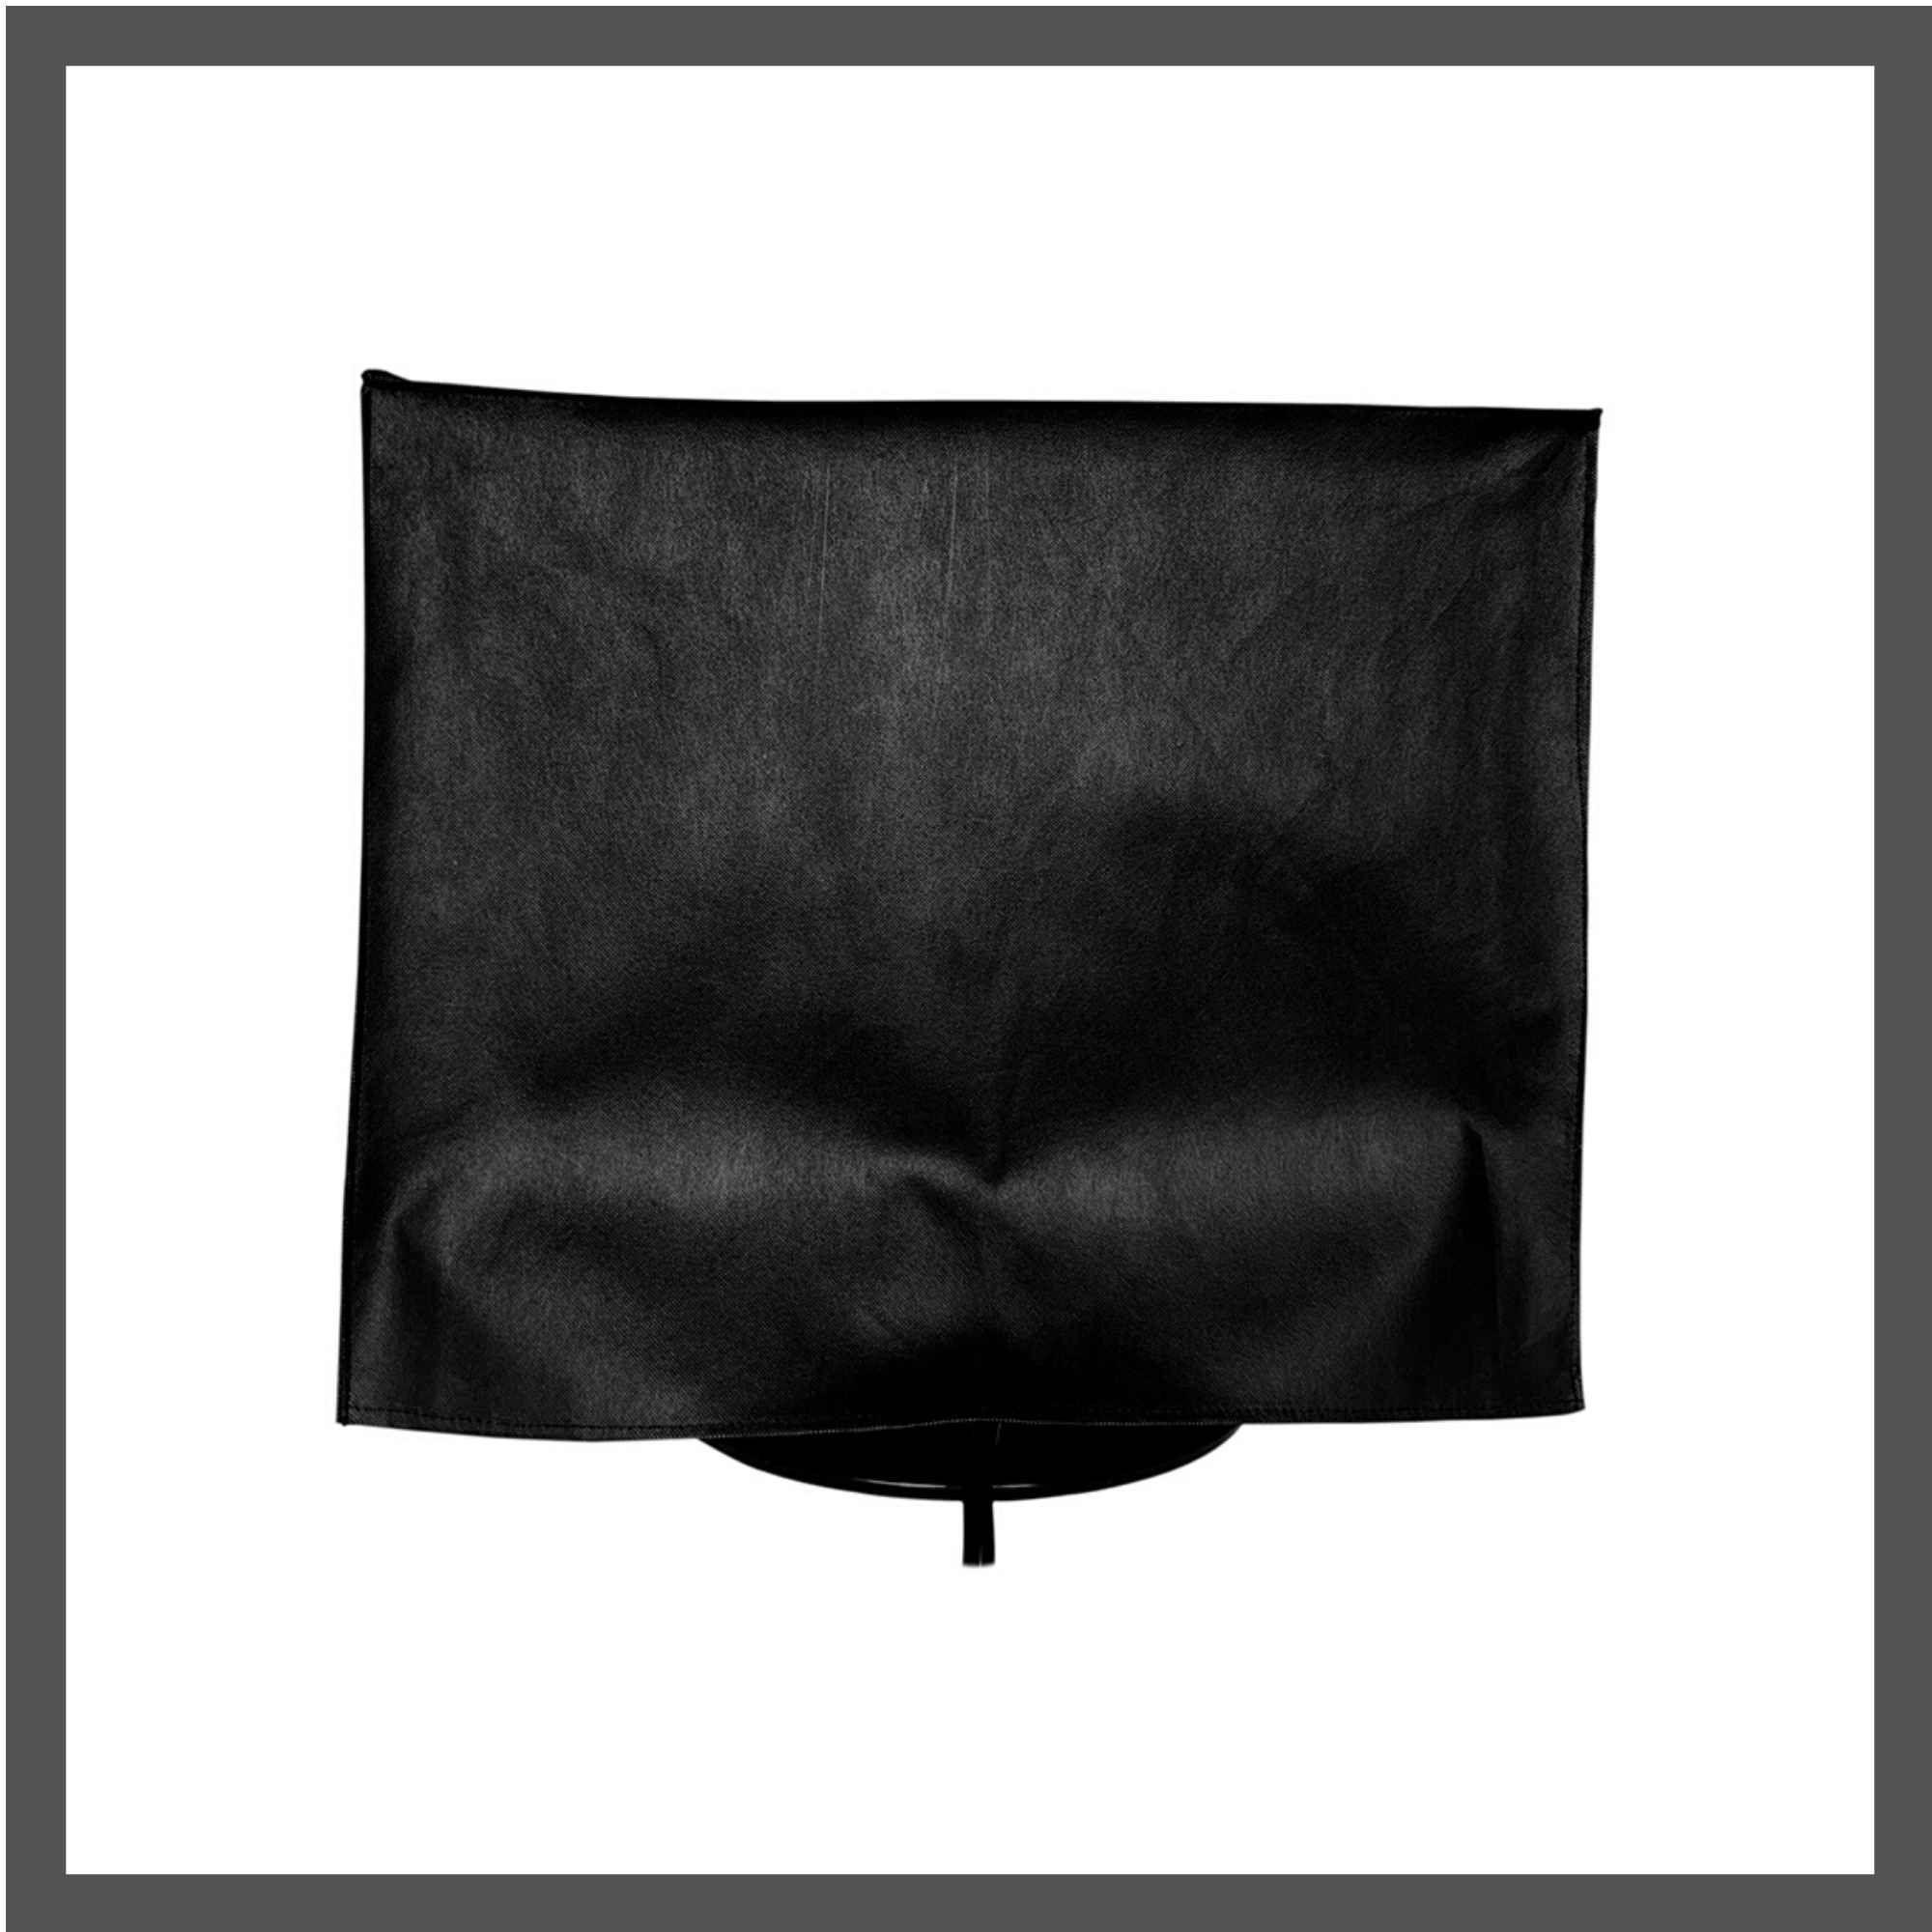 Capa para Monitor Quadrado Dell de 17 polegadas na cor preta  em TNT